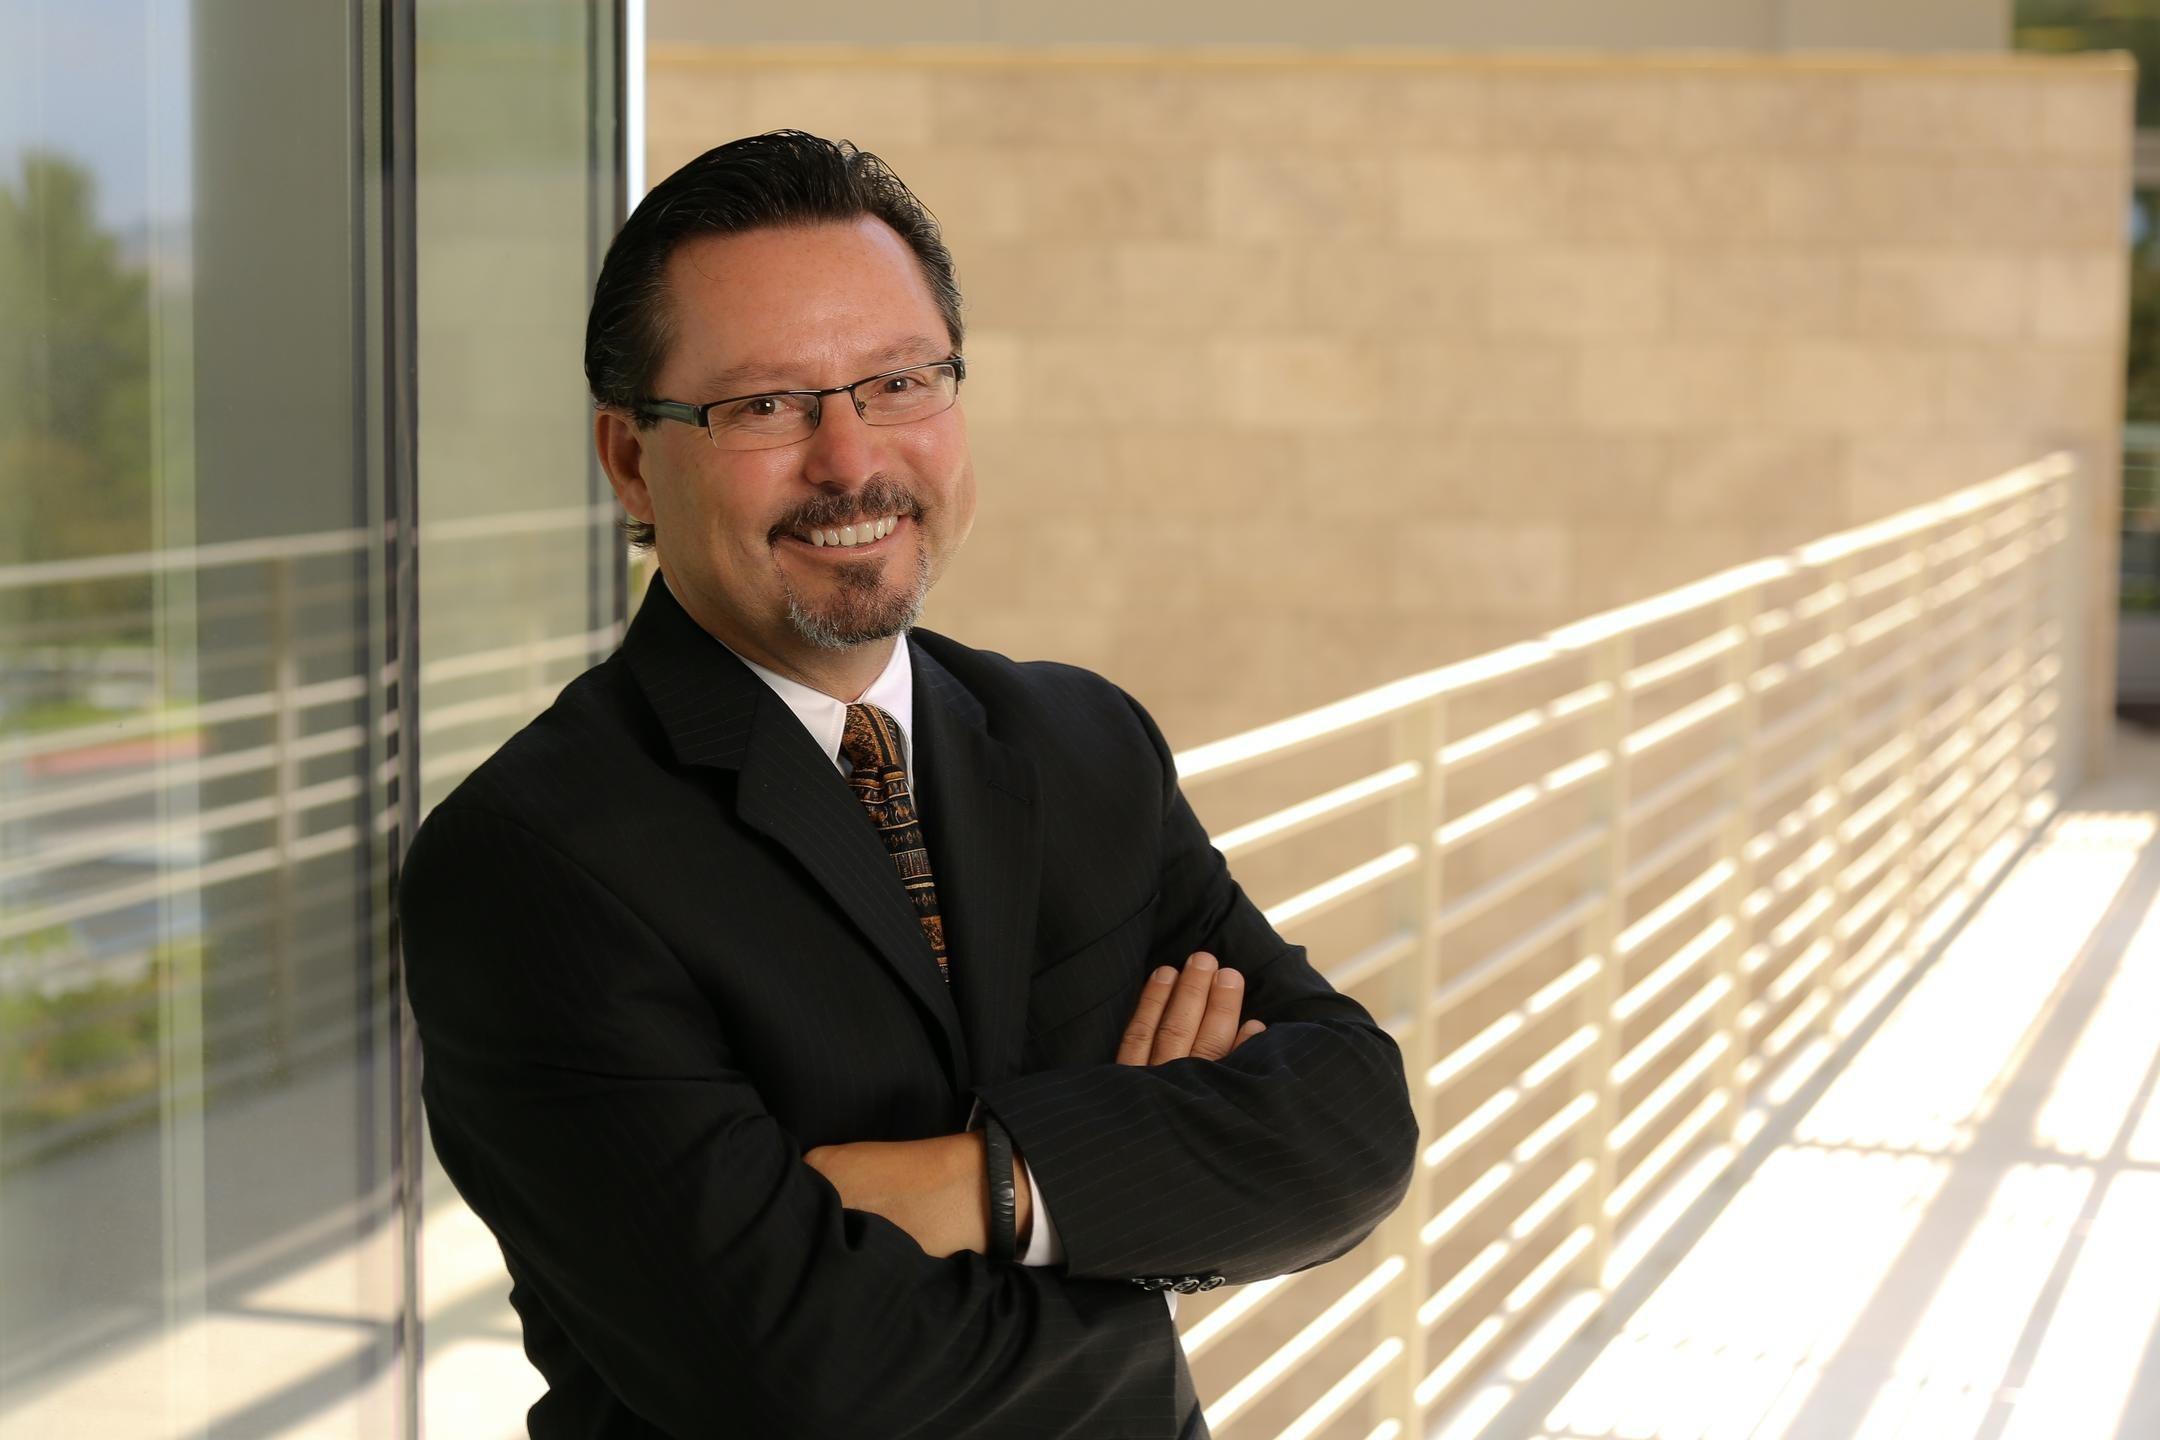 Chip Espinoza portrait image